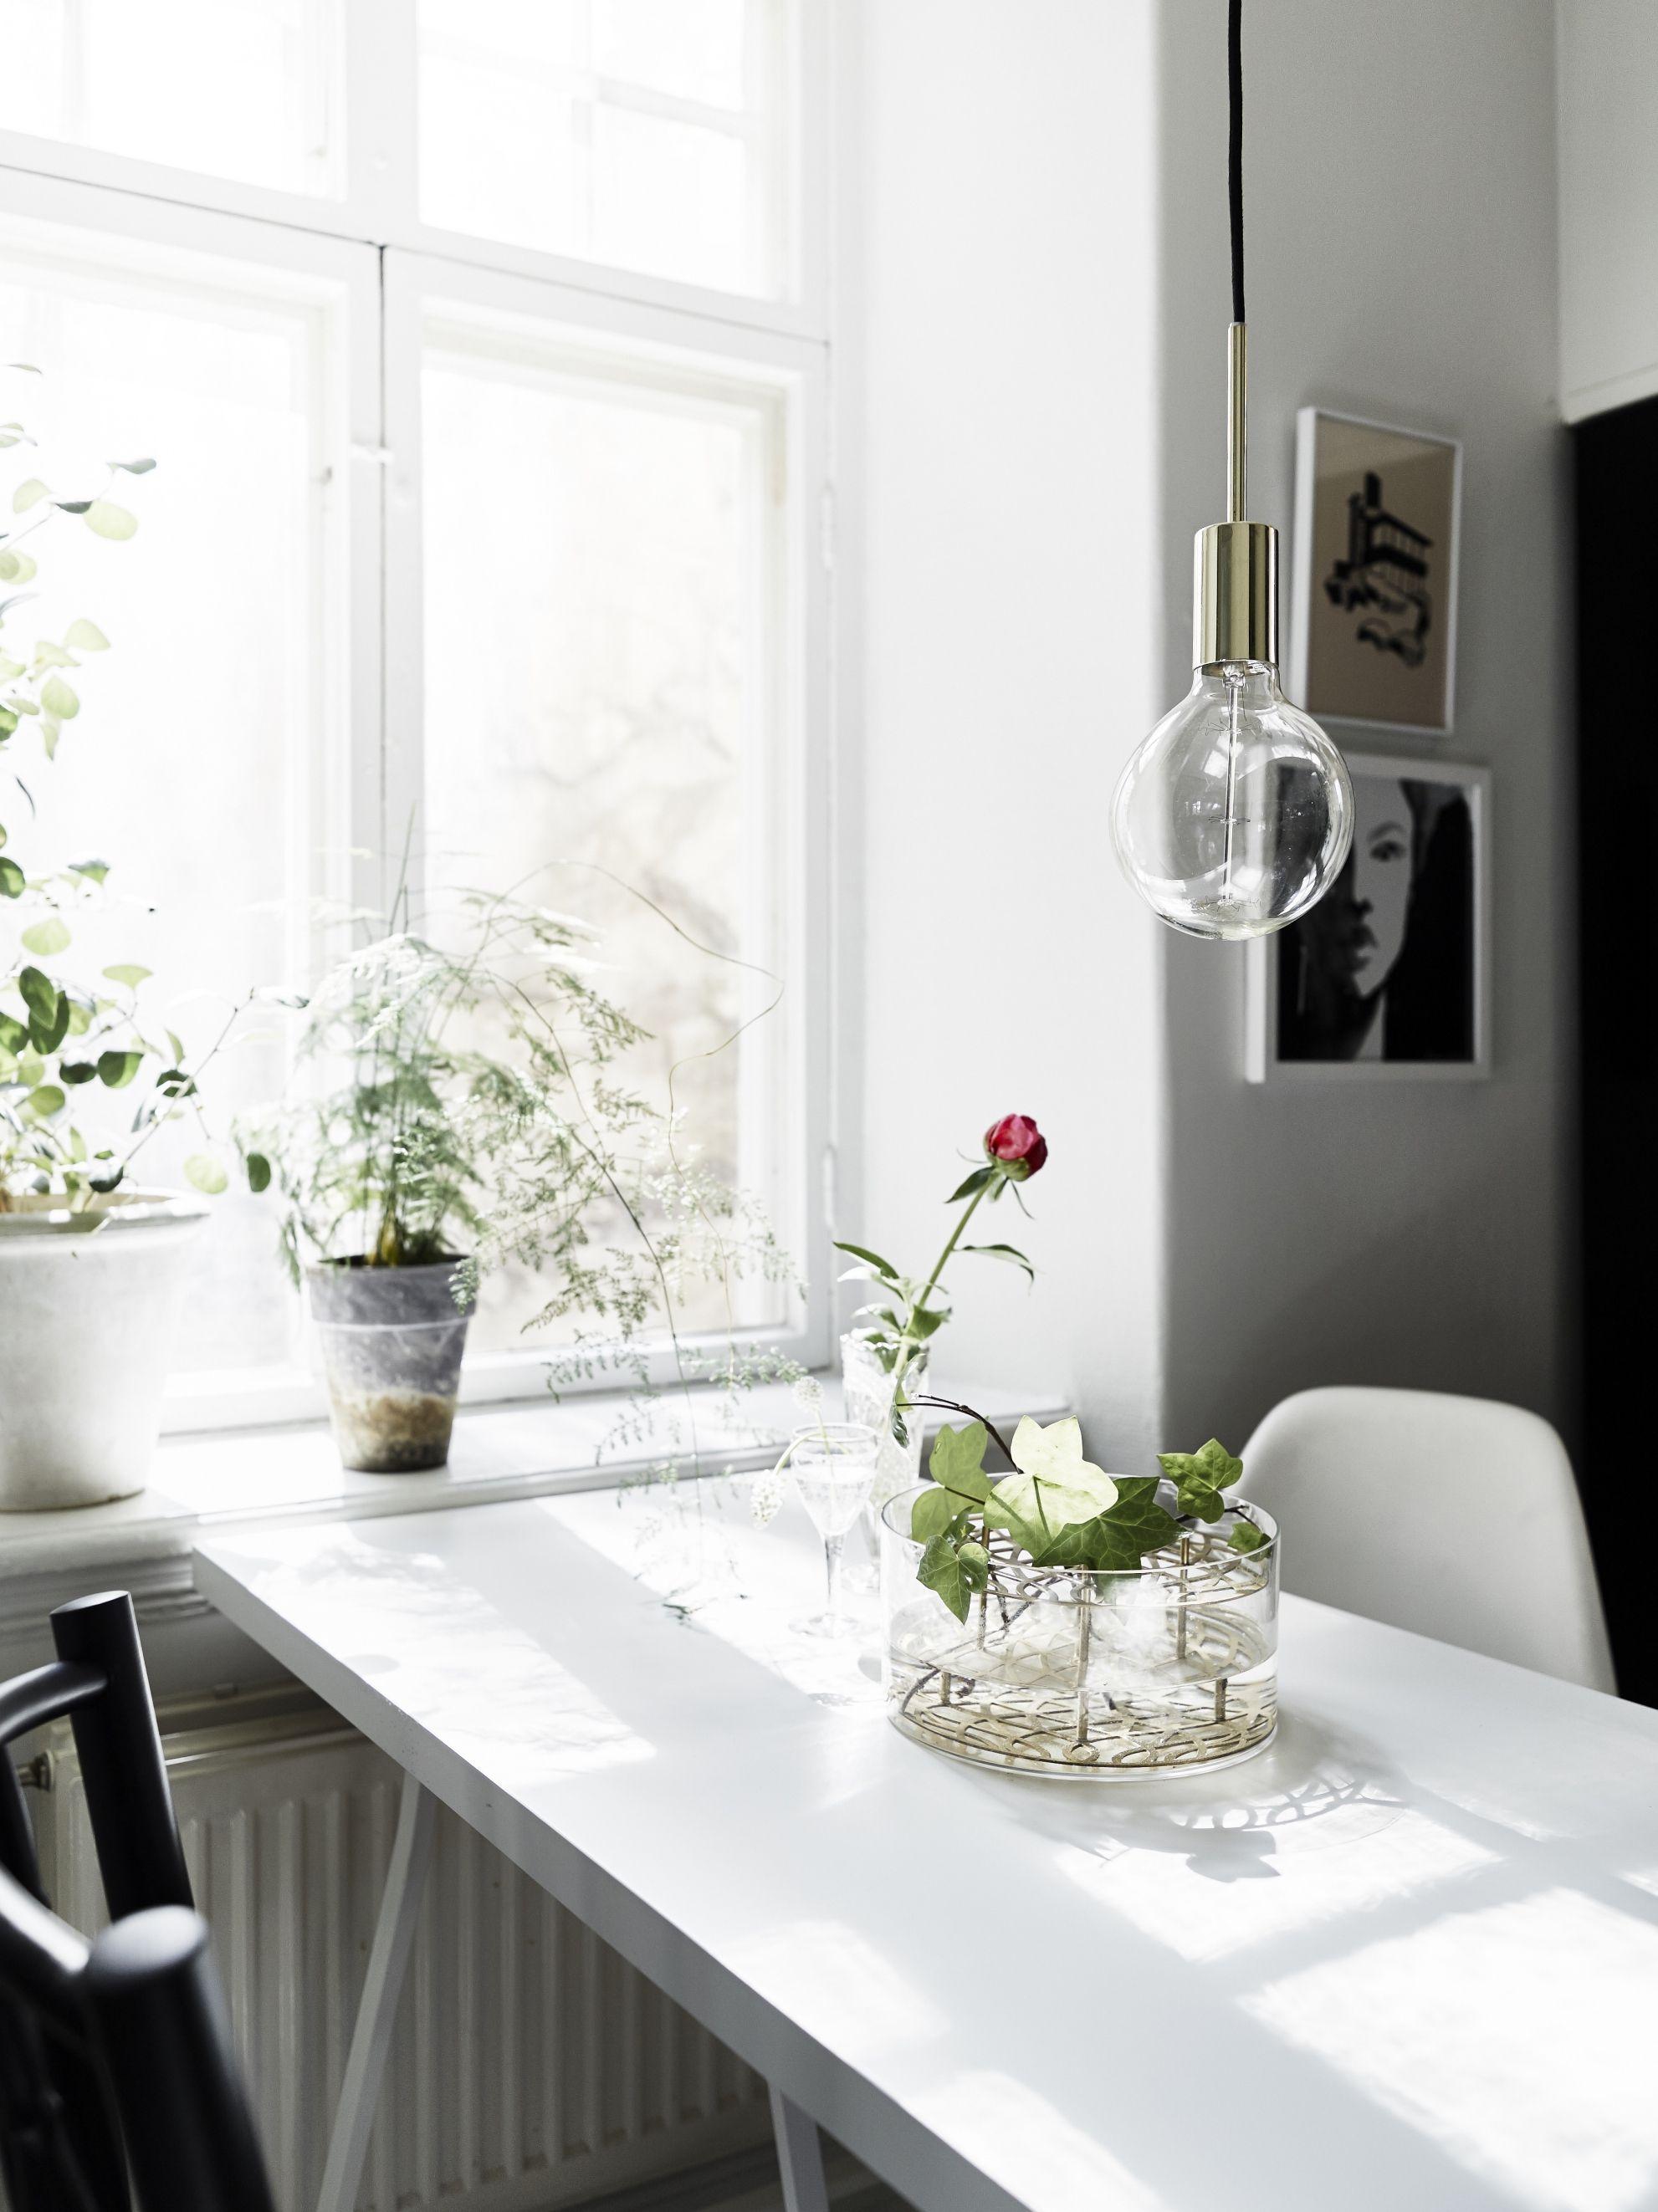 pin von teresa toma auf home scandinavian style pinterest vasen esszimmer und wohnen. Black Bedroom Furniture Sets. Home Design Ideas